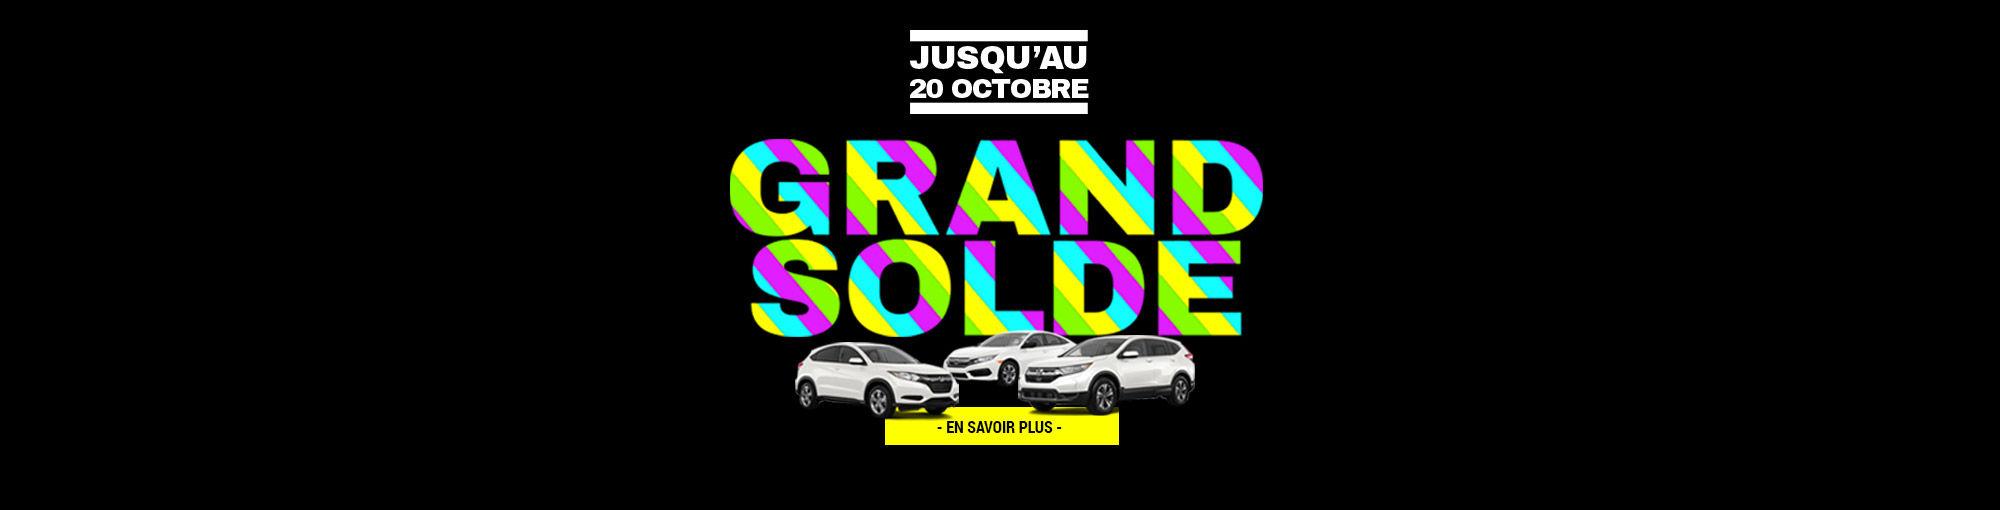 GRAND SOLDE AUTOMNE 2018 GROUPE VINCENT header_1